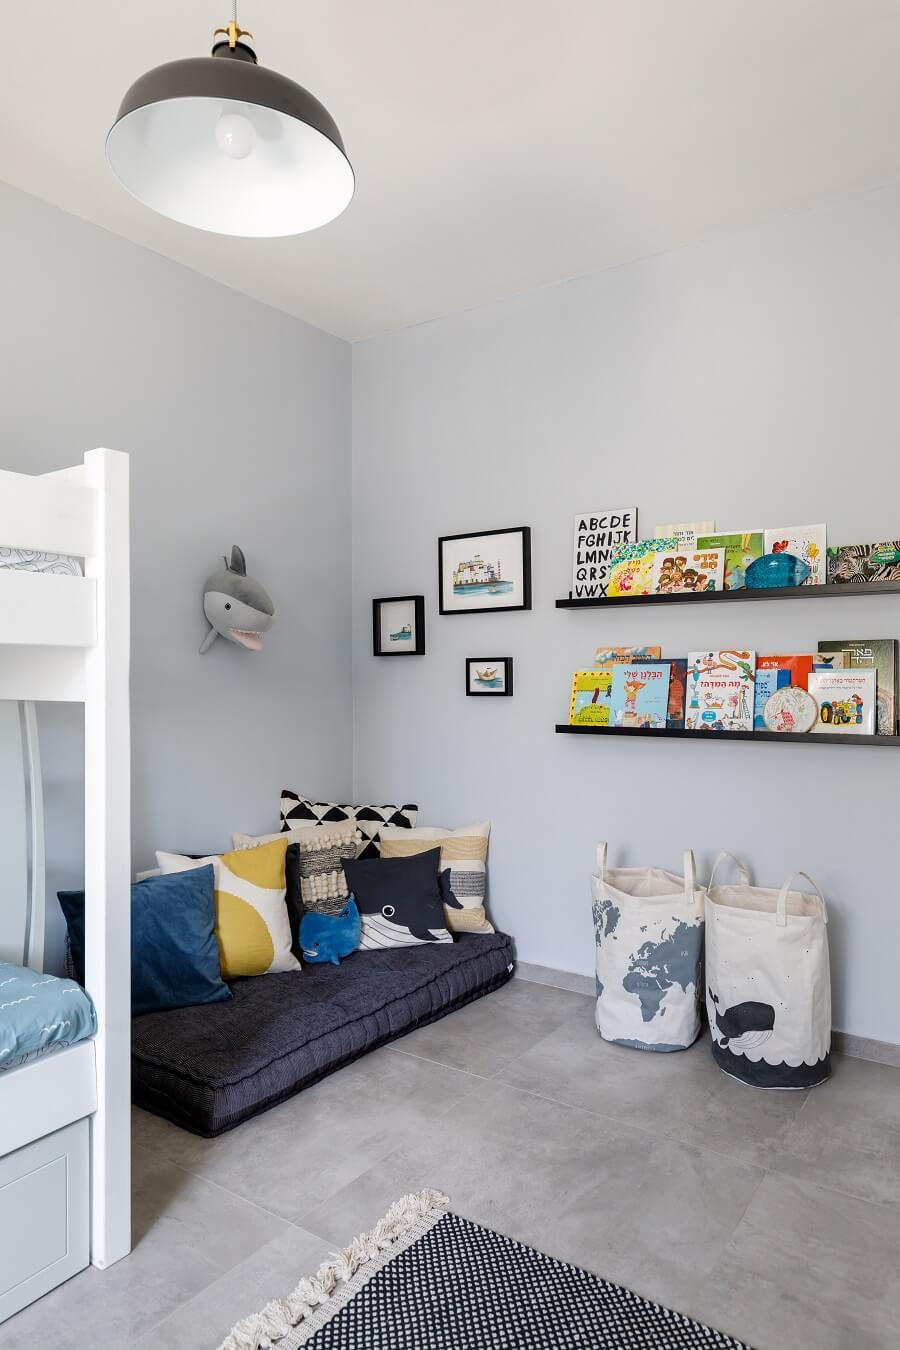 חדר ילדים עיצוב פנים נטלי אלל צילום אורית ארנון